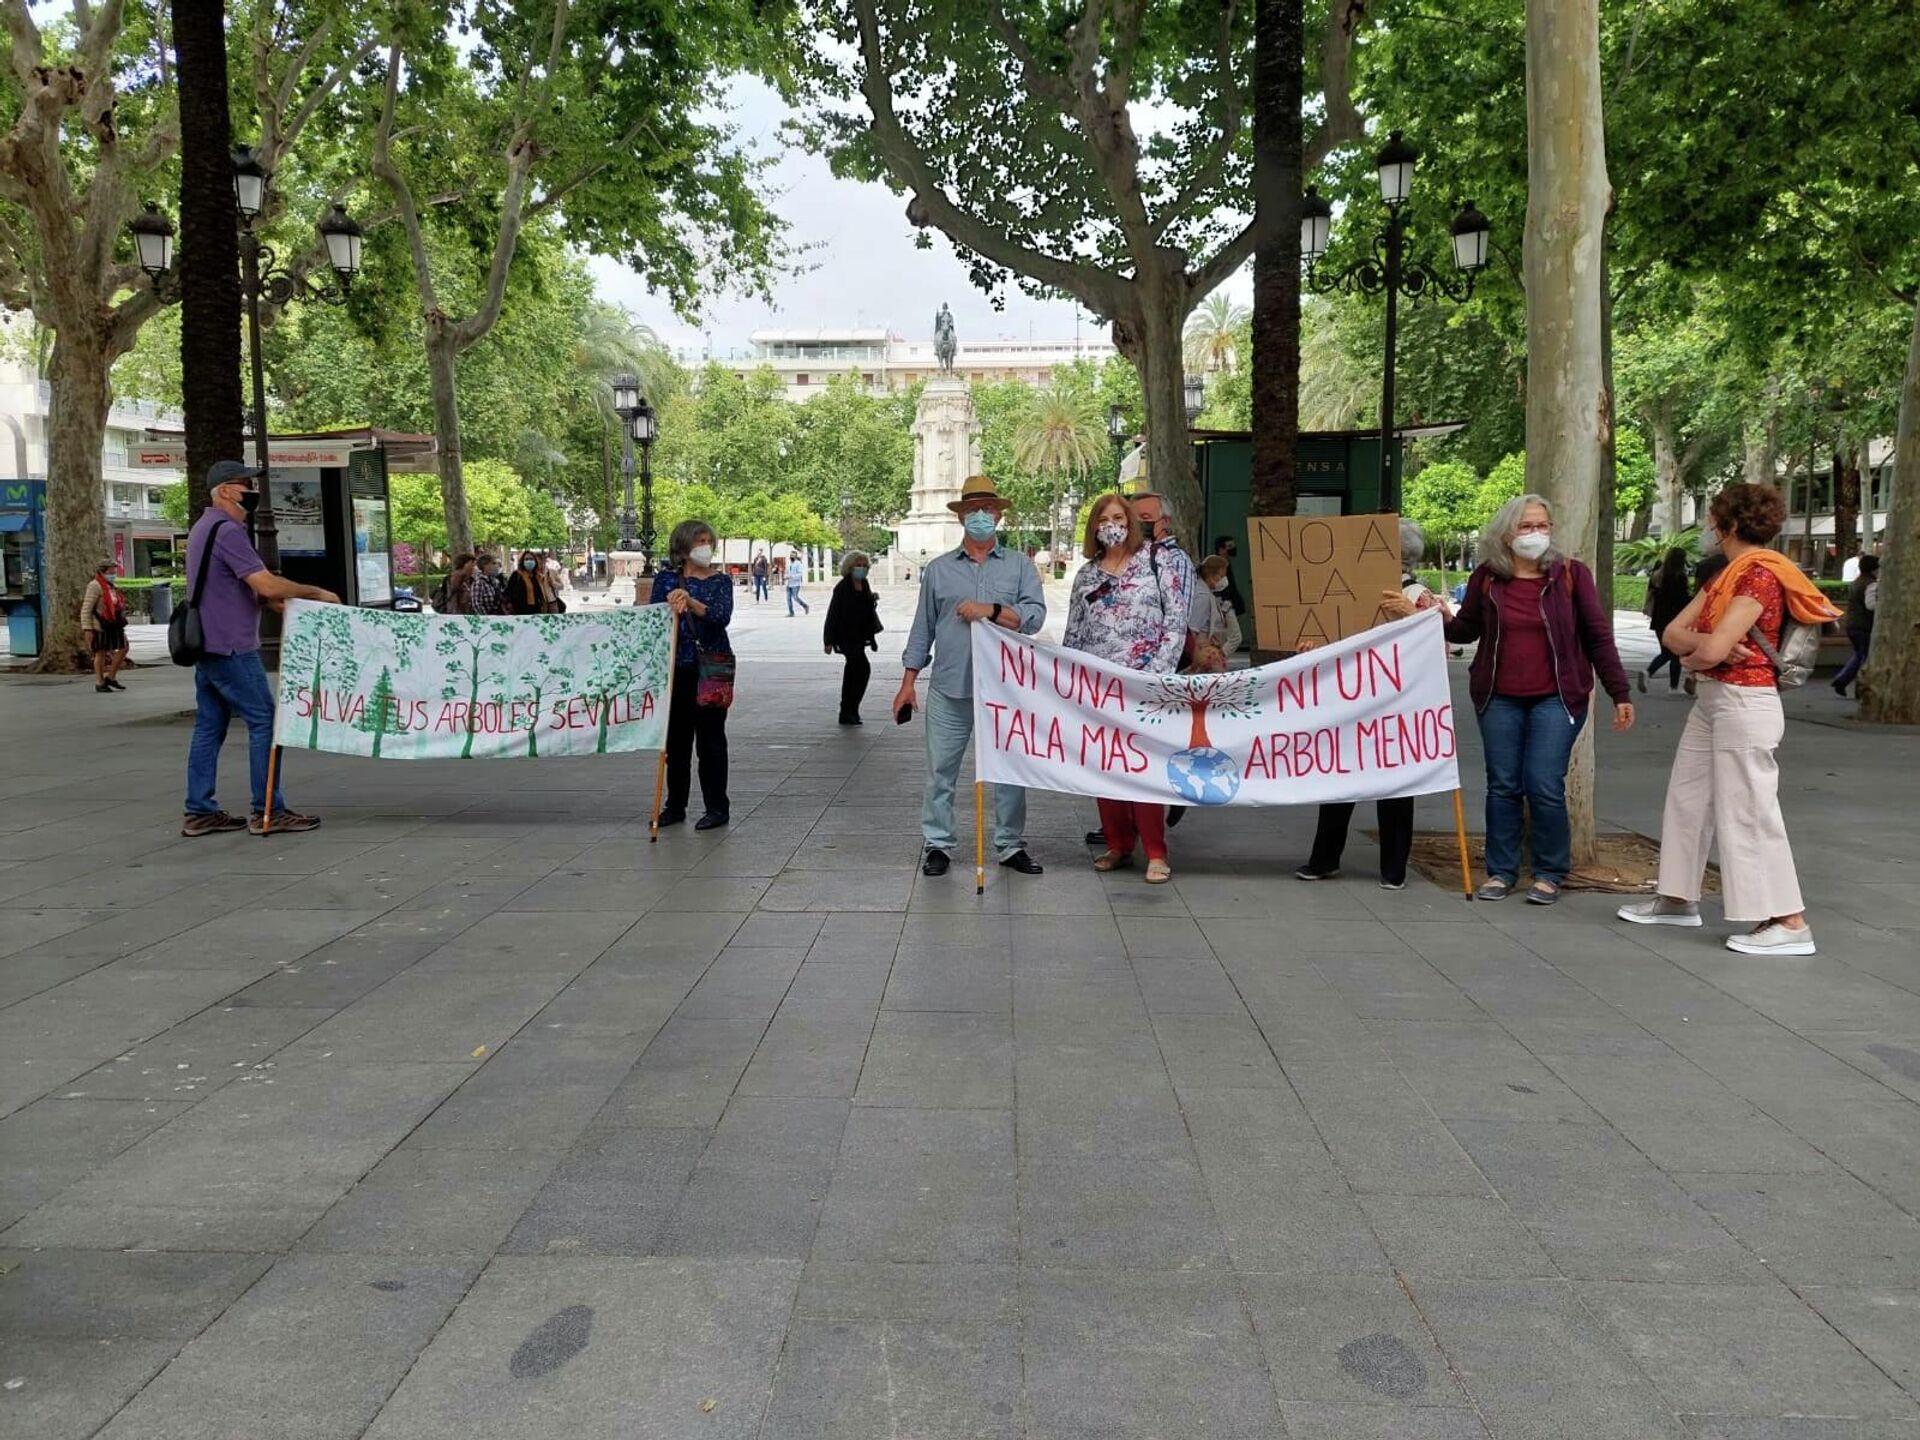 Activistas de Red Sevilla por el Clima protestan por la pérdida de árboles Fuente Facebook Red Sevilla por el Clima - Sputnik Mundo, 1920, 24.08.2021